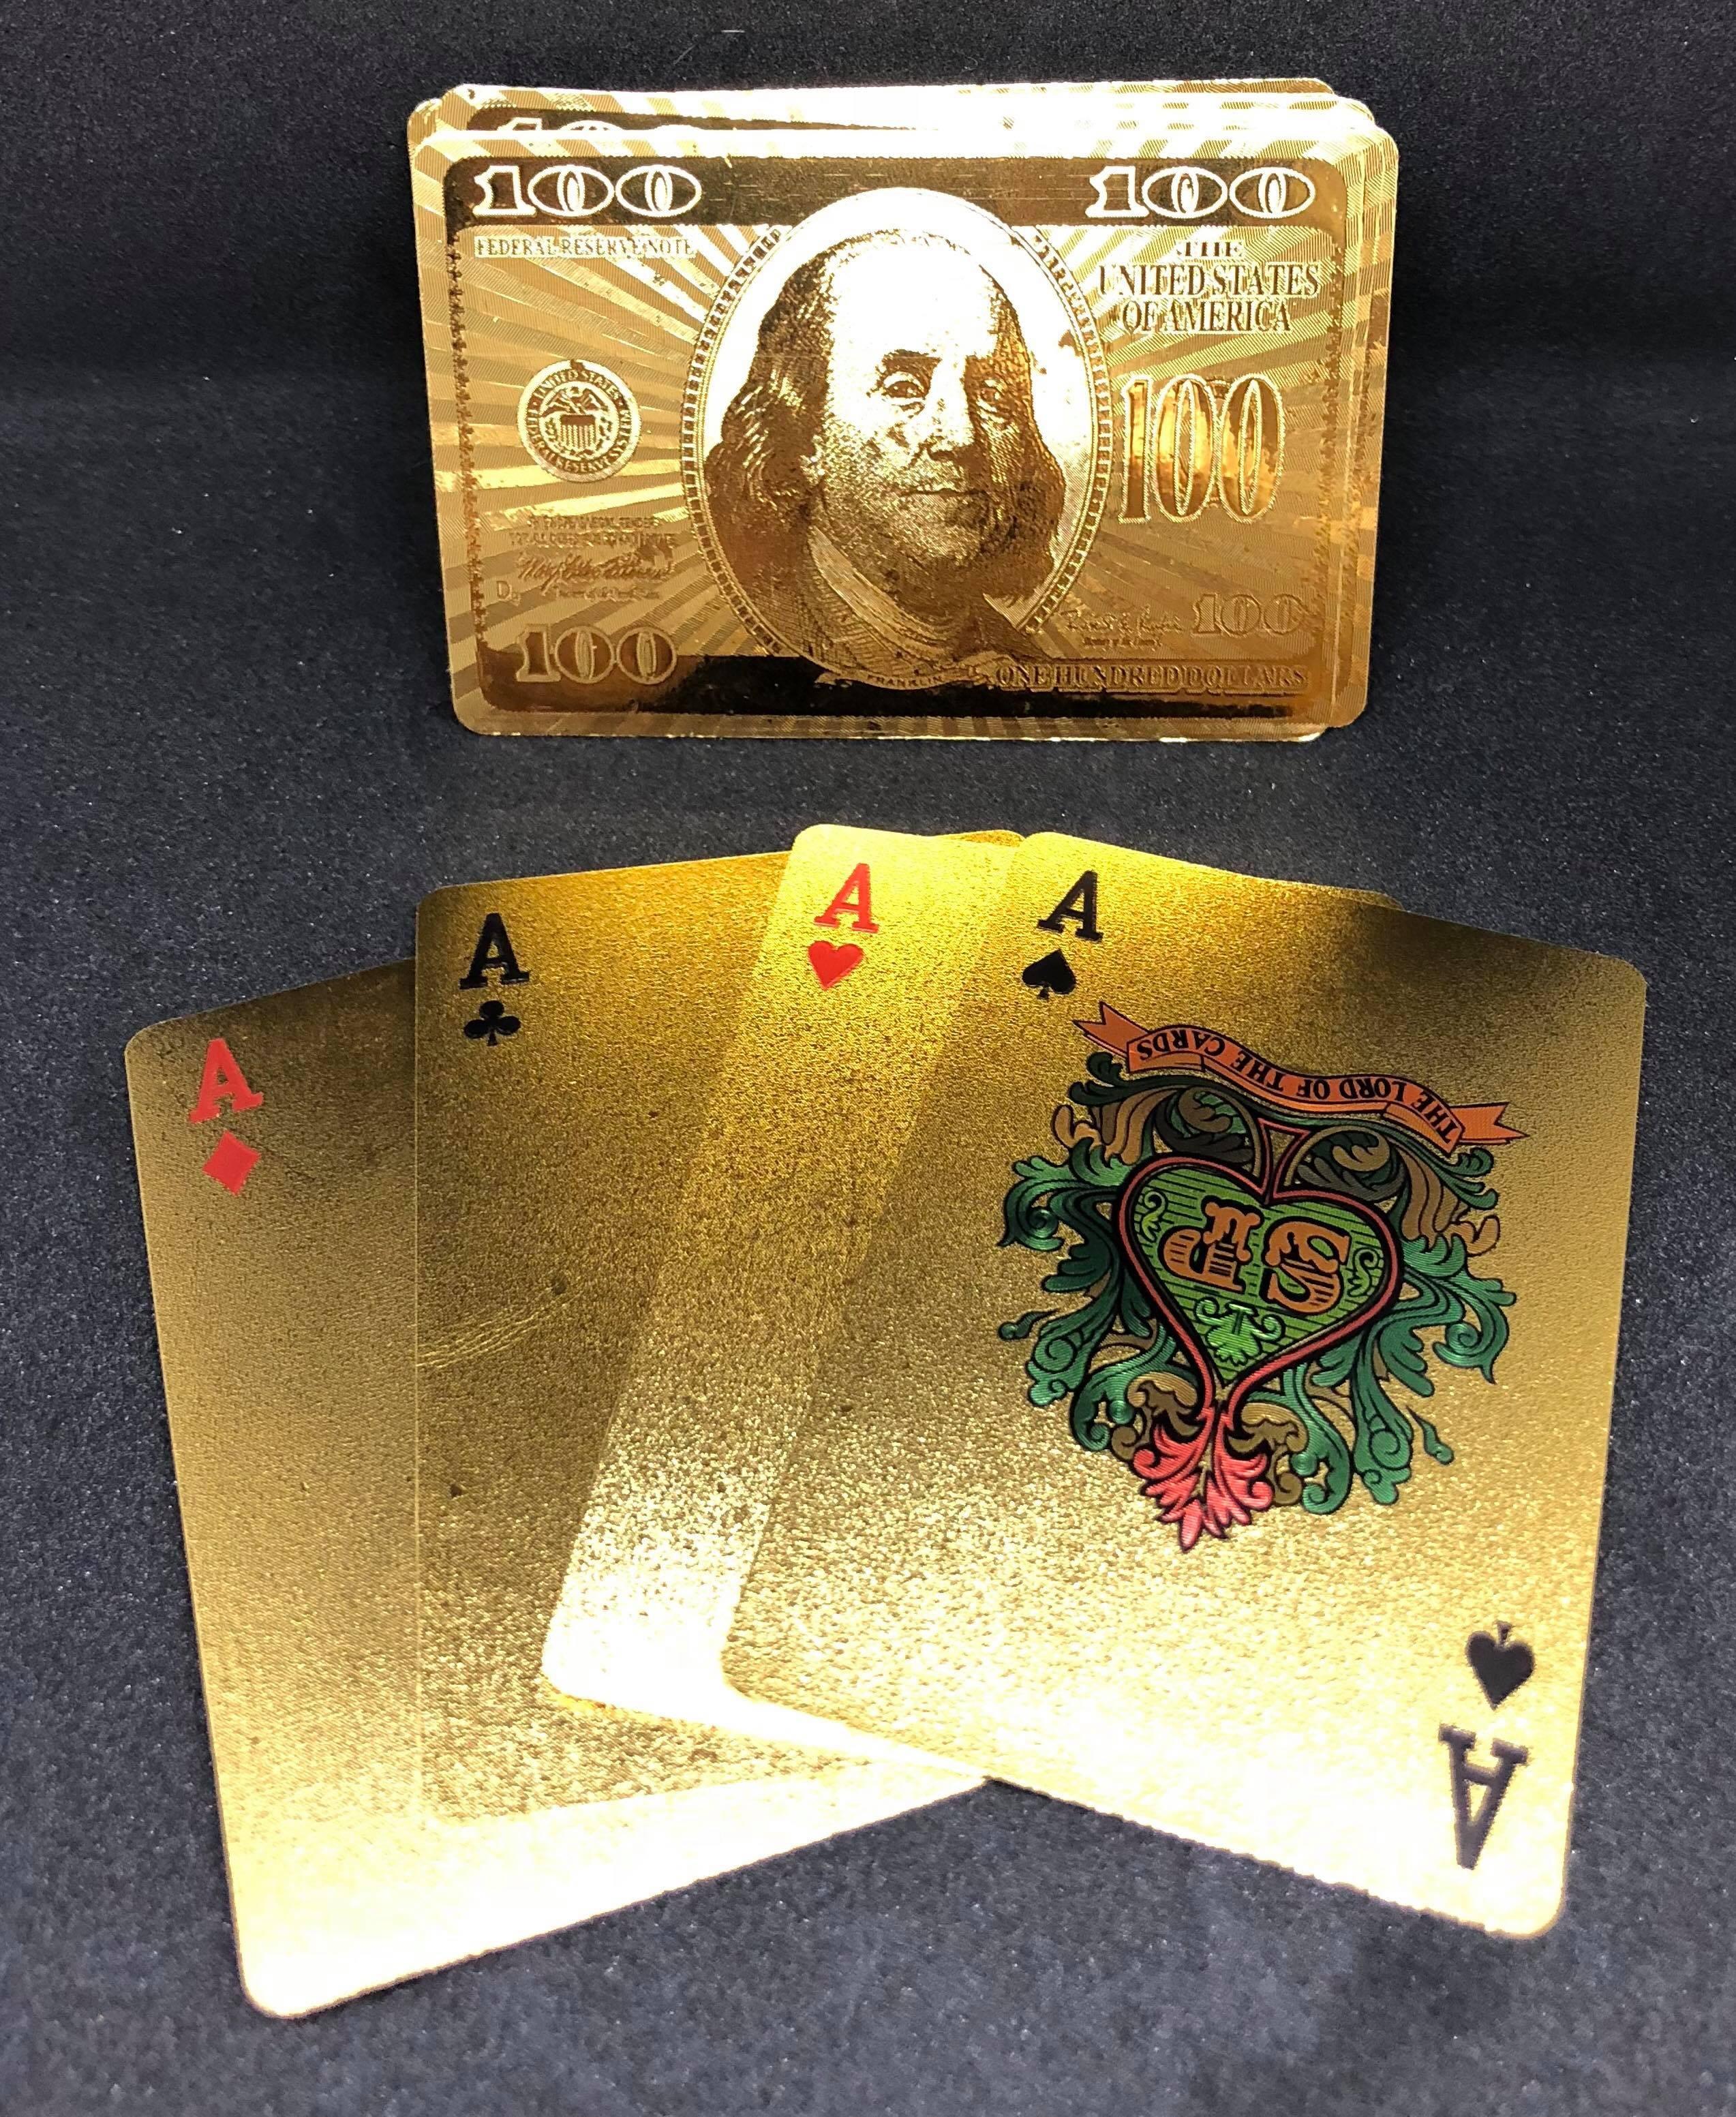 過年必備金色撲克牌 201605205-32